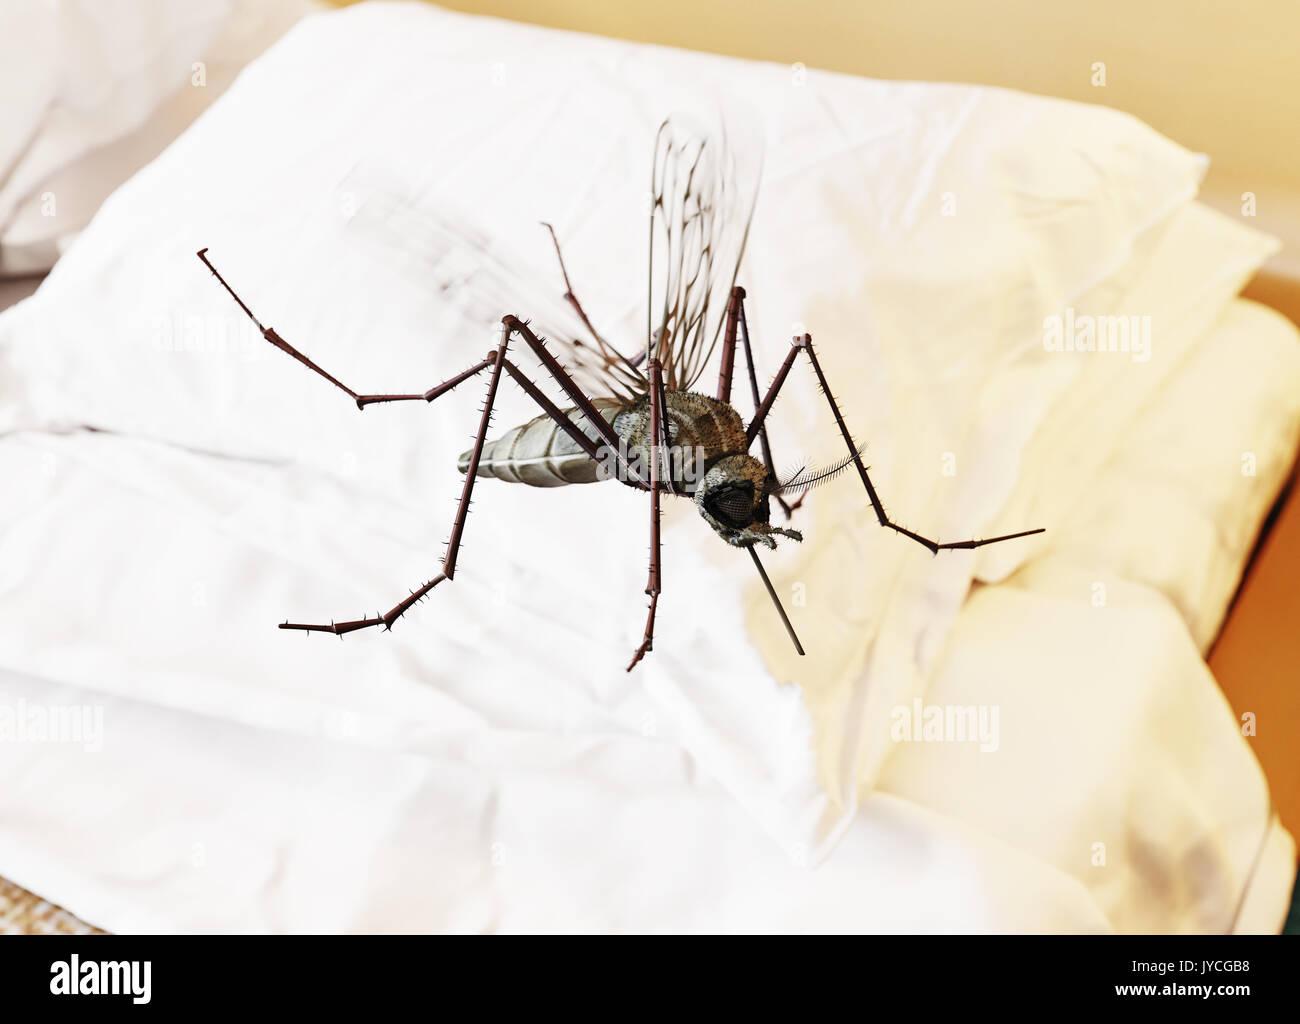 Fliegende Mücken im Schlafzimmer. 3D-rendering Konzept Stockfoto ...